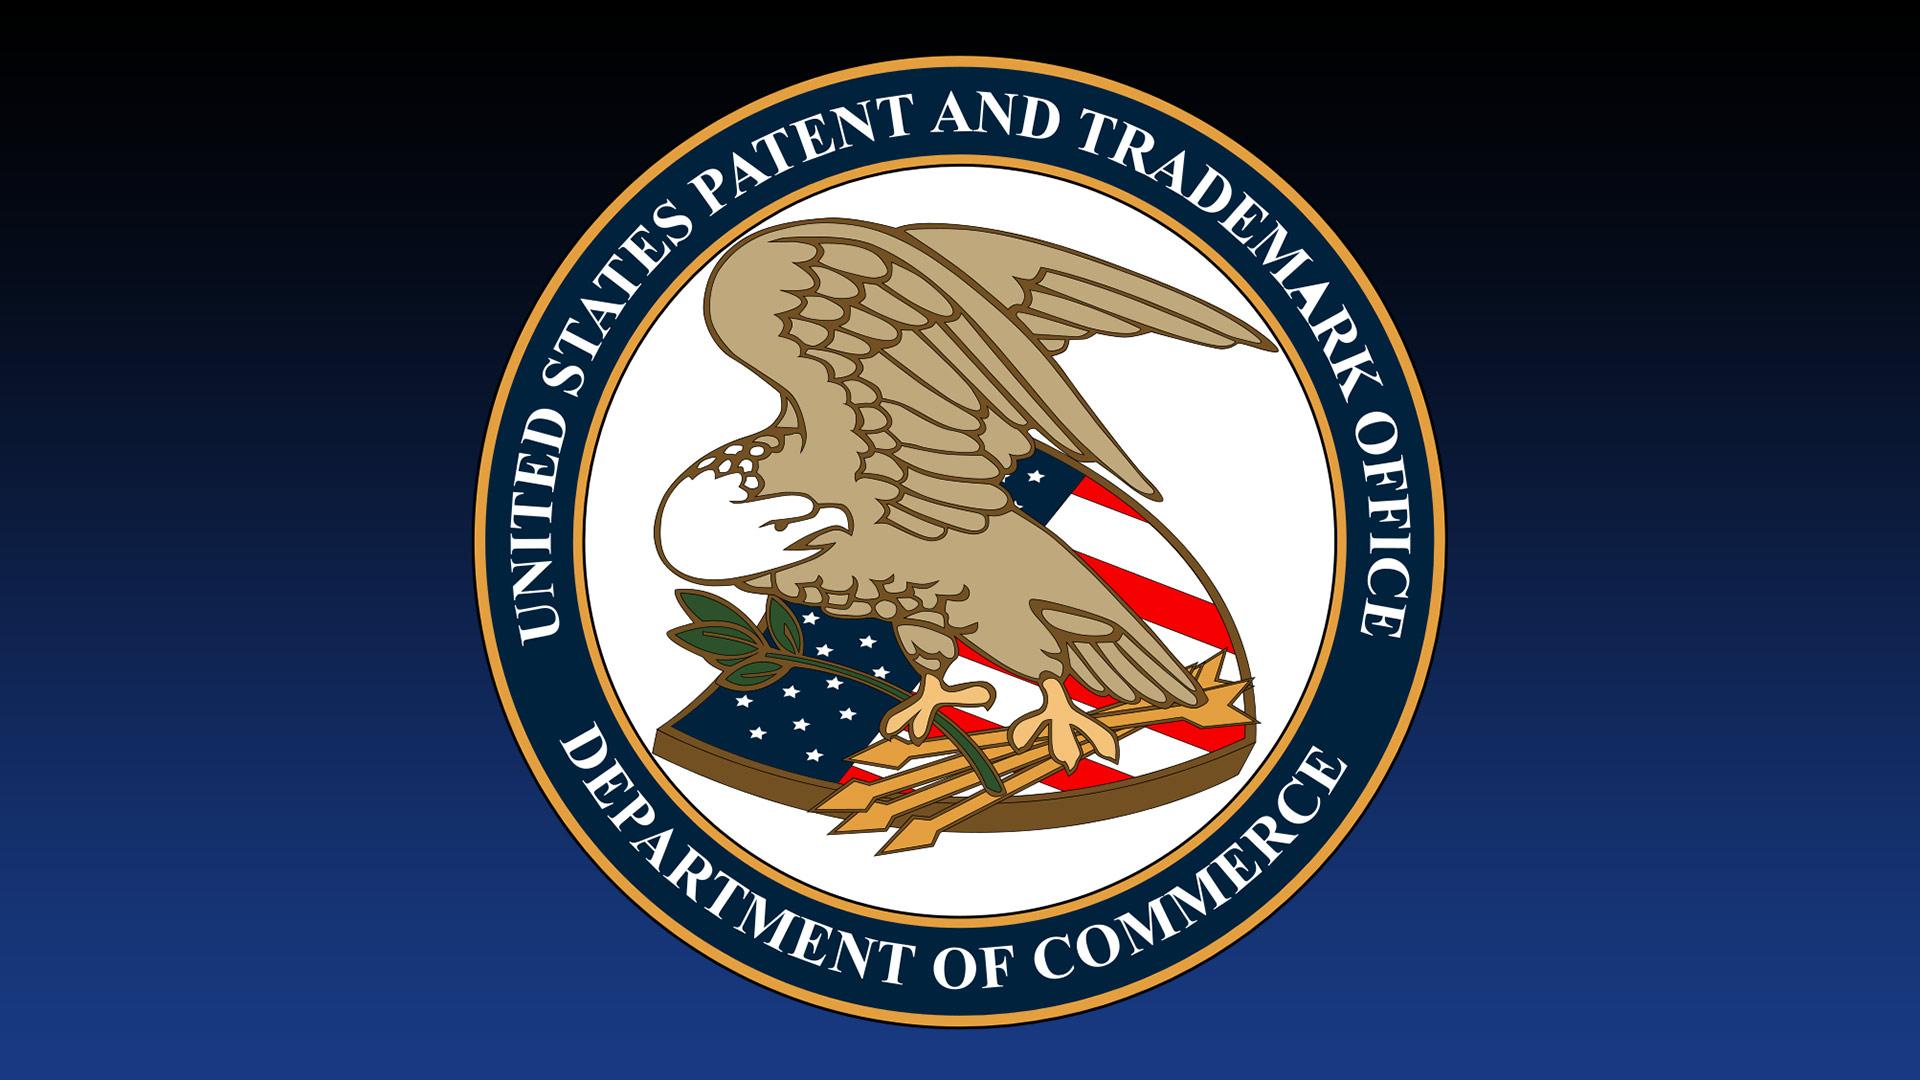 trademark applications